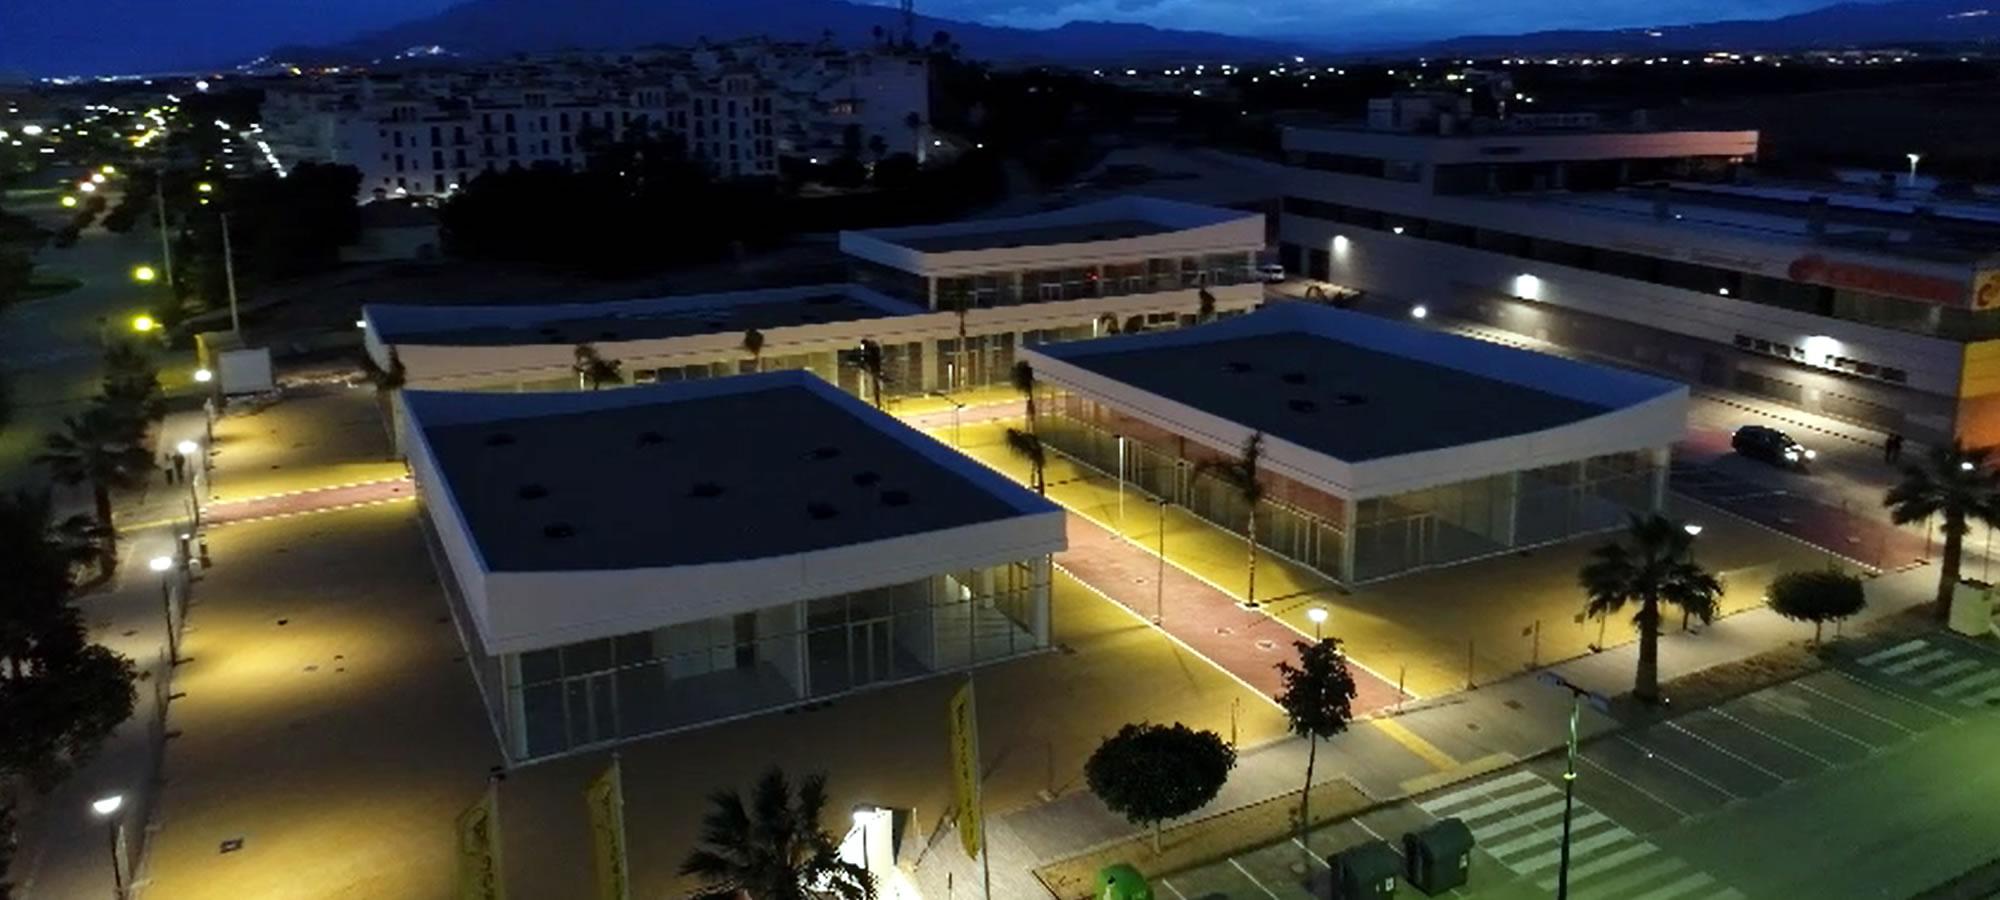 vera plaza noche